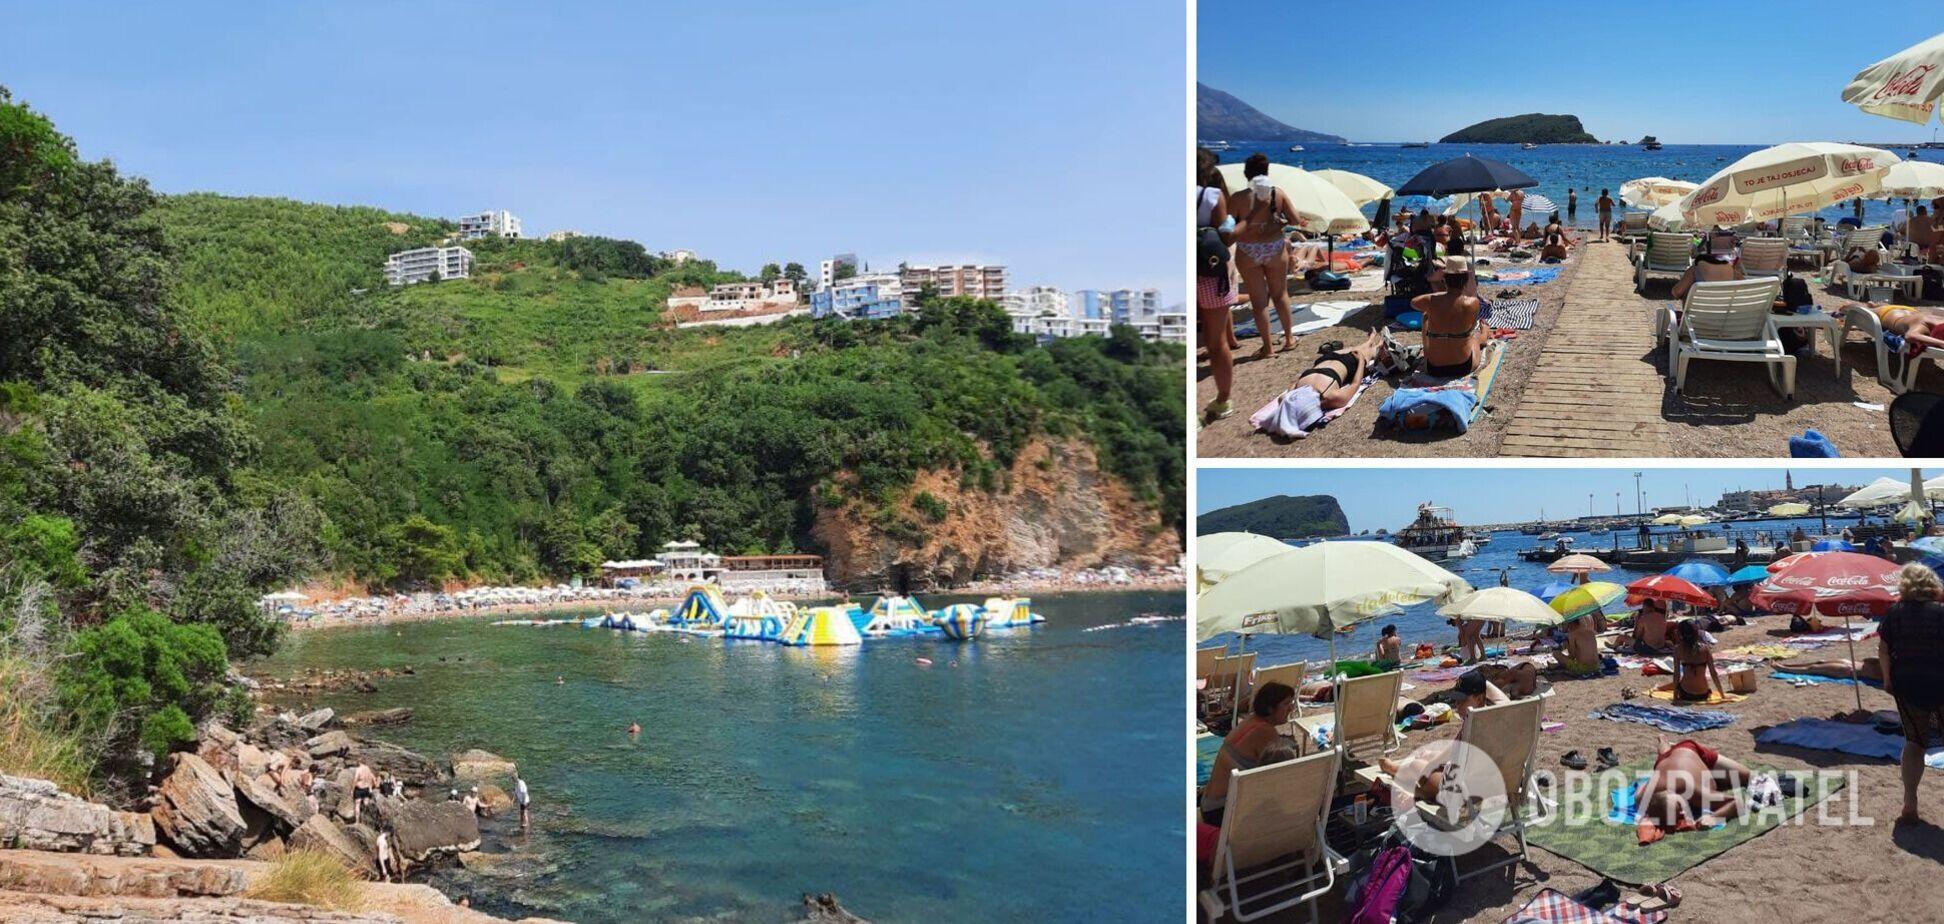 Ціни зросли, пляжі забиті туристами: що відбувається в Чорногорії. Ексклюзив